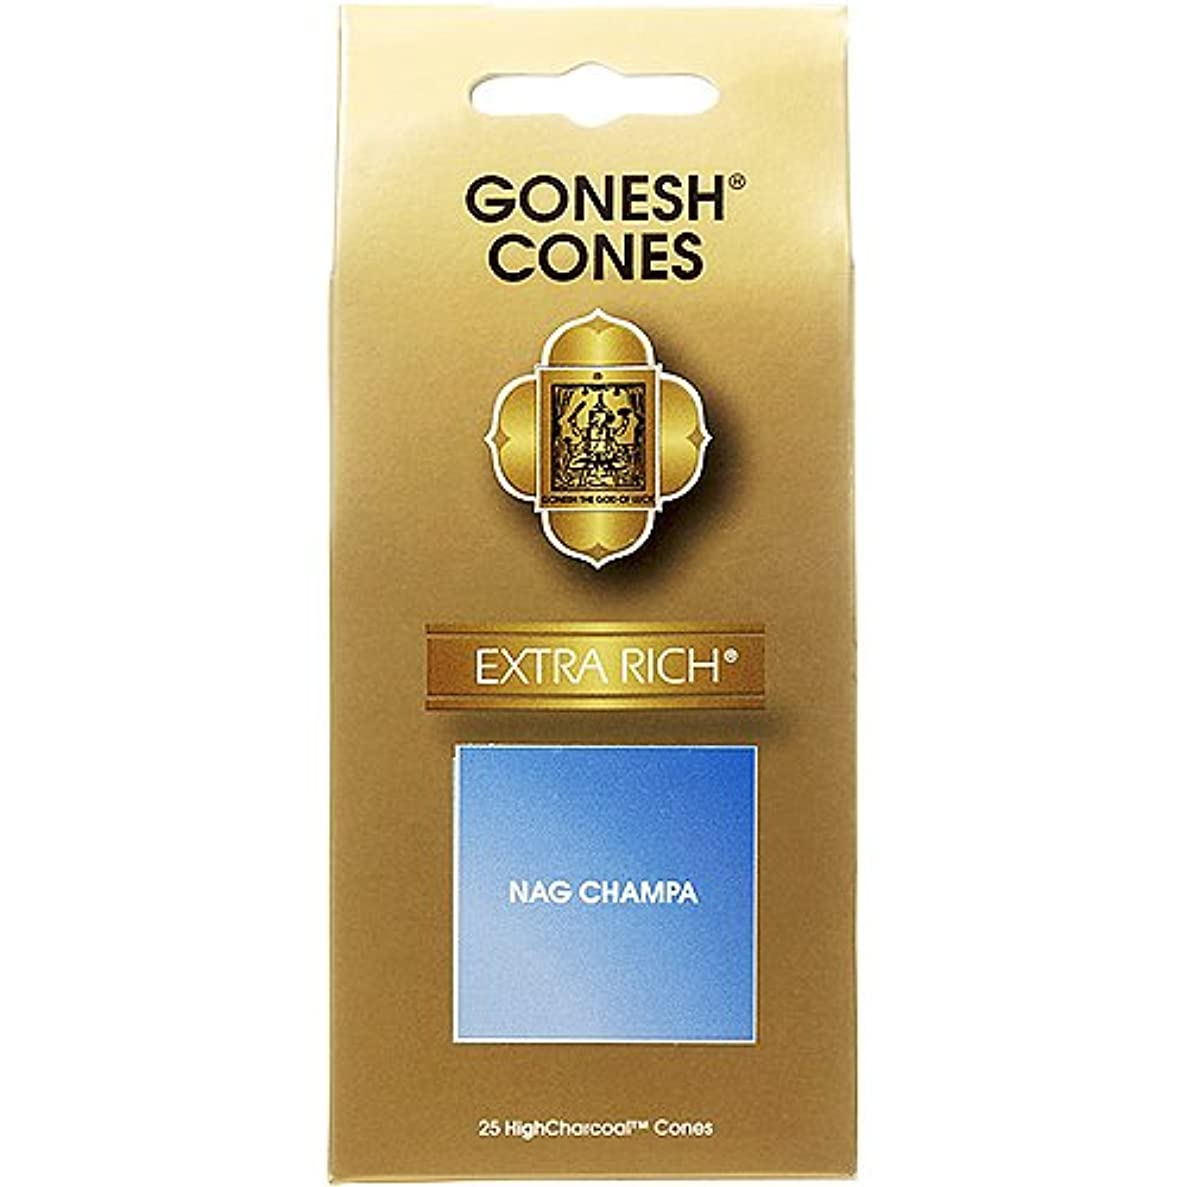 メッシュオールキリストガーネッシュ(GONESH) エクストラリッチ インセンス コーン ナグチャンパ 25ヶ入